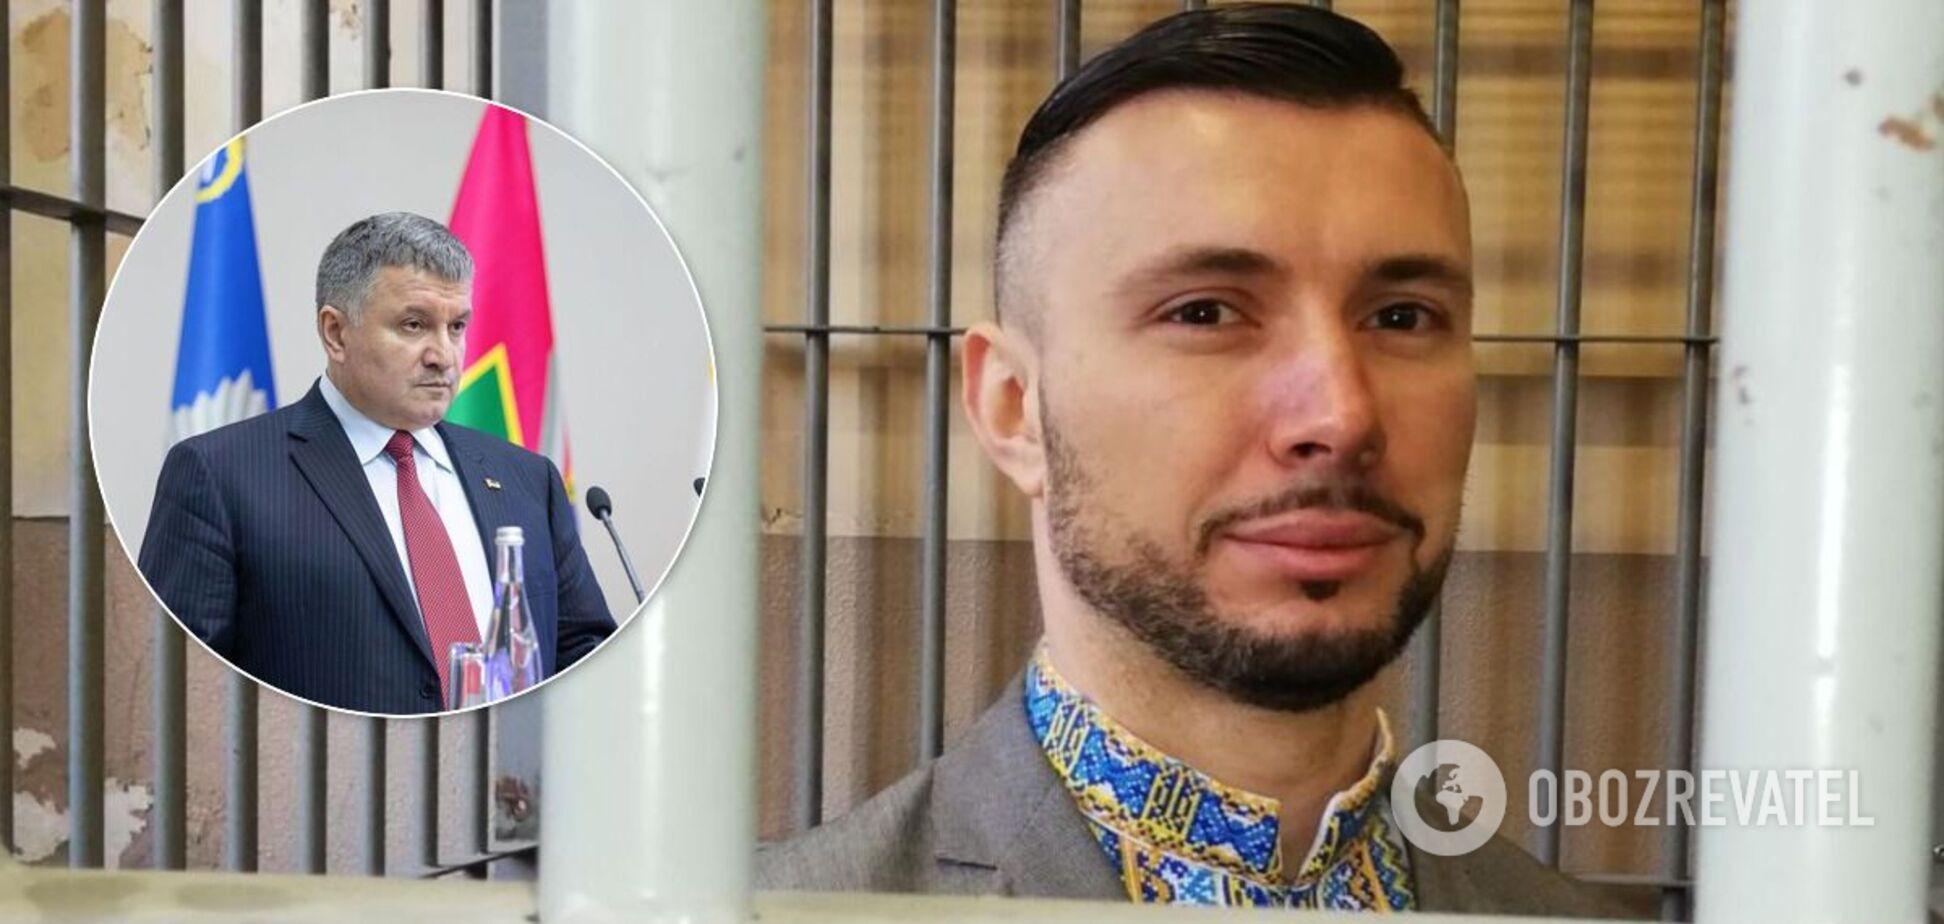 МВД разыскало десятки свидетелей непричастности Маркива